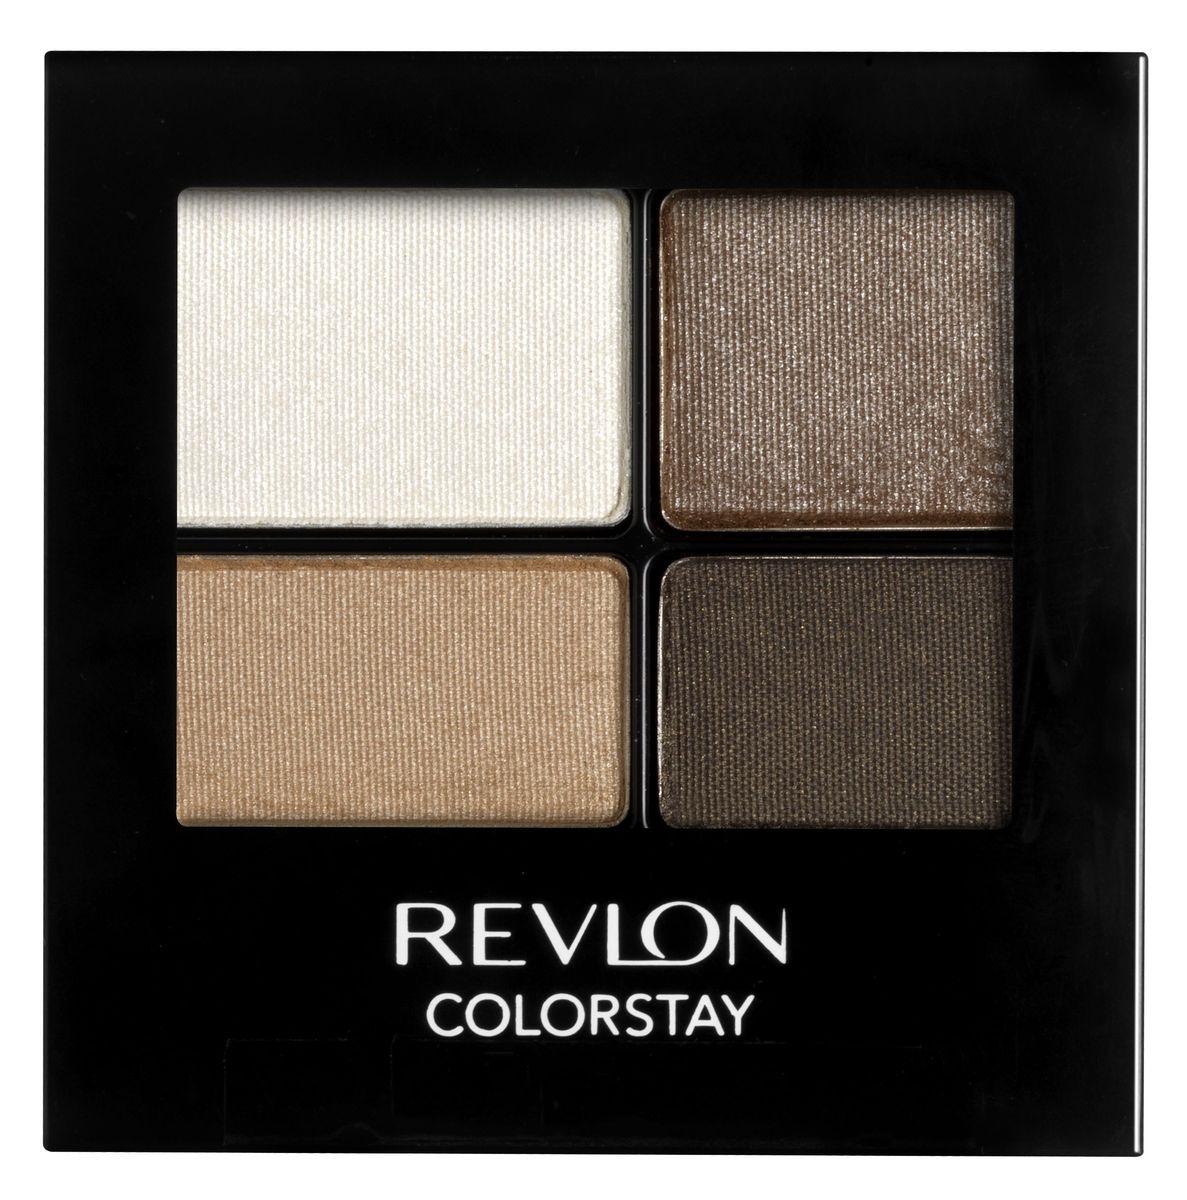 Revlon Тени для Век Четырехцветные Colorstay Eye16 Hour Eye Shadow Quad Moonlit 555 4,8 г7210767012Colorstay 16 Hour Sahdow - роскошные тени для век с шелковистой текстурой и невероятно стойкой формулой. Теперь ваш макияж сохранит свой безупречный вид не менее 16 часов! Все оттенки гармонично сочетаются друг с другом и легко смешиваются, позволяя создать бесконечное количество вариантов макияжа глаз: от нежных, естественных, едва заметных, до ярких, выразительных, драматических. На оборотной стороне продукта приведена схема нанесения.Аккуратно нанести на веки специальной кисточкой.